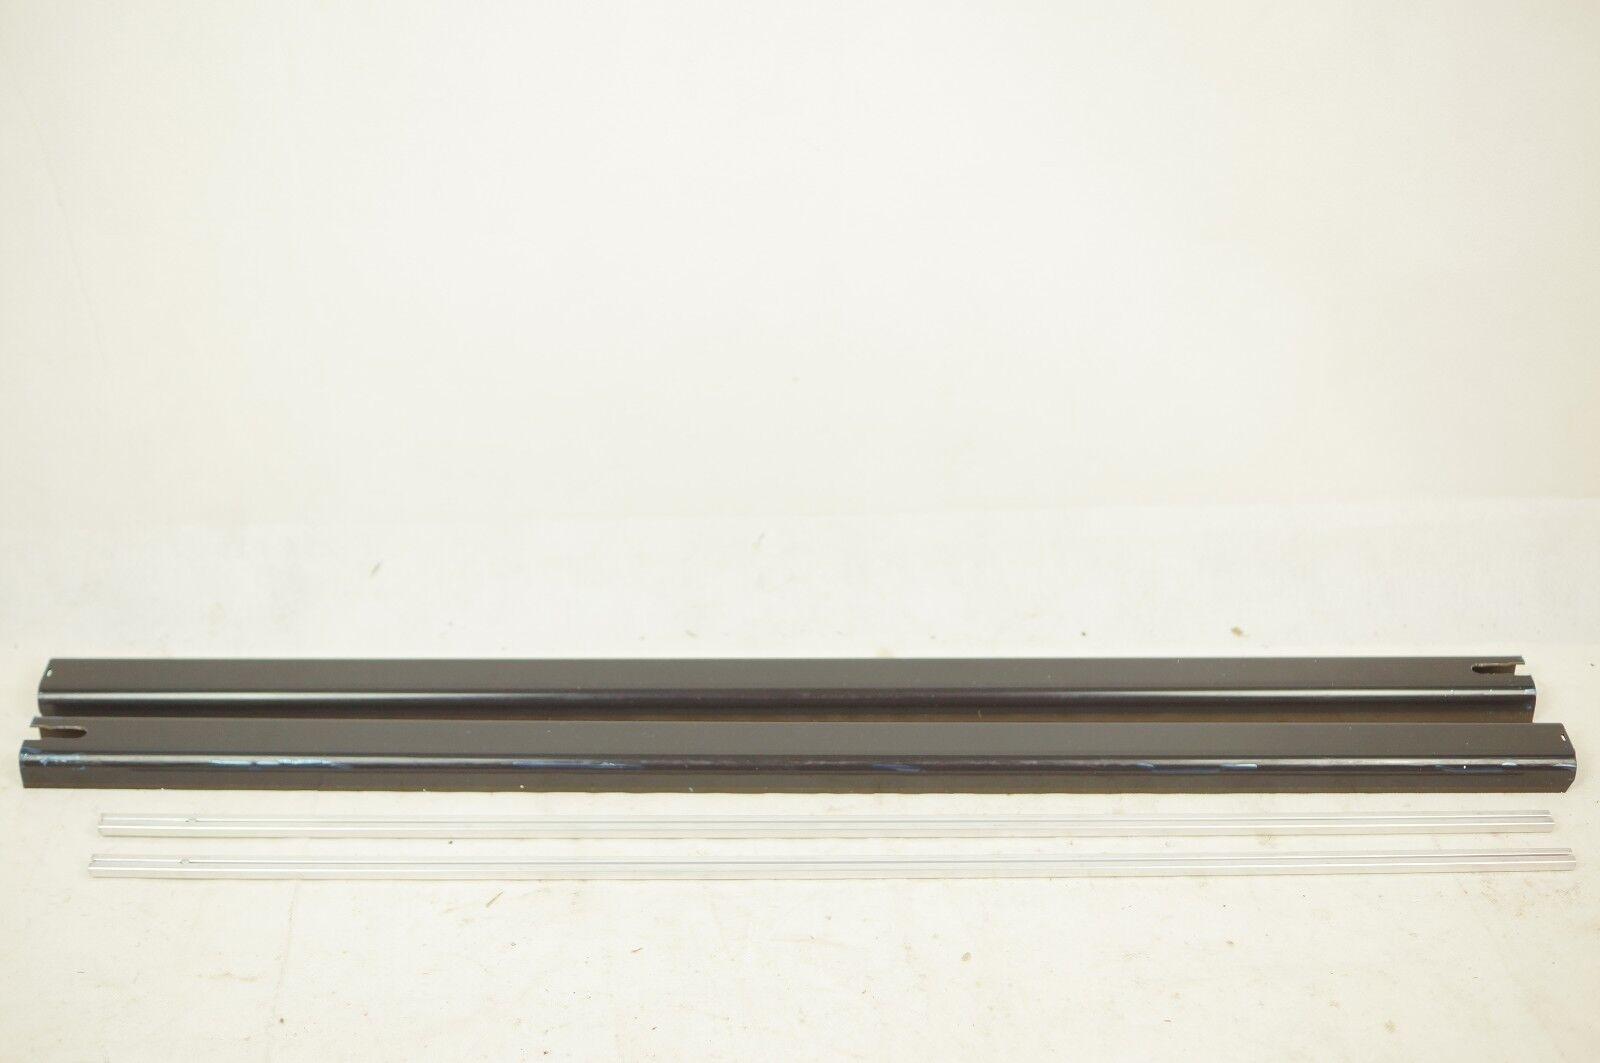 ABUS Fenster-Stangenset FOS550, für Fenstersicherung, braun / EP68.0275